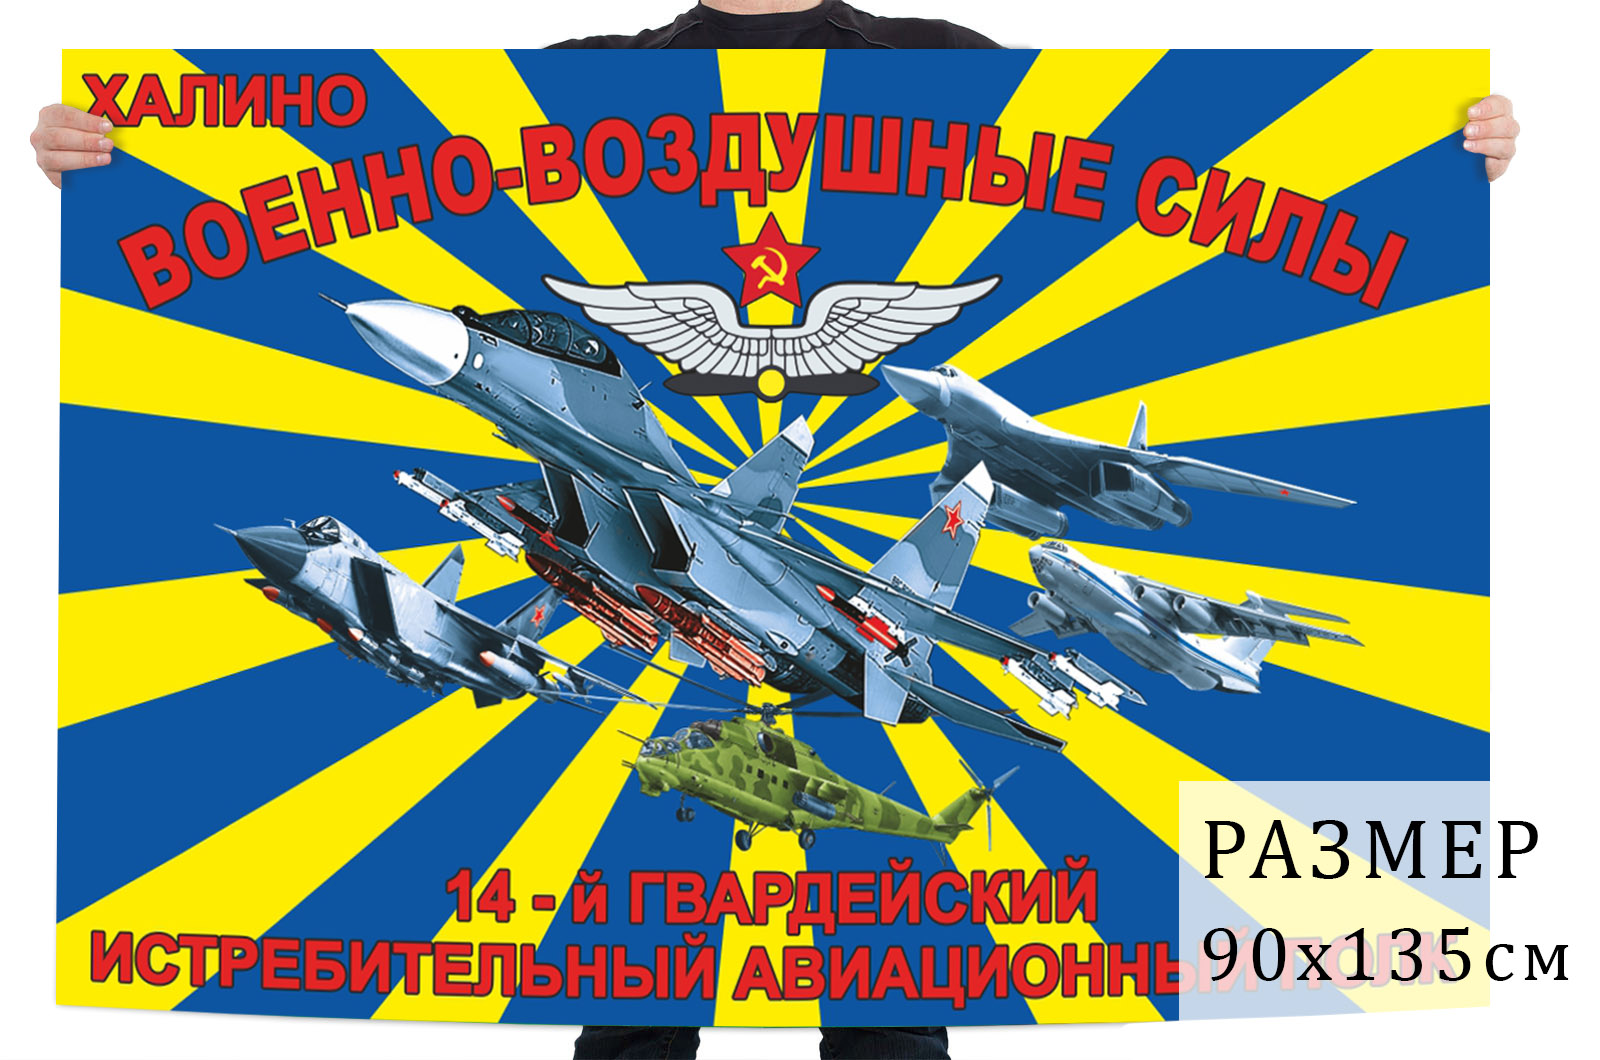 Флаг 14 гвардейского истребительного авиационного полка